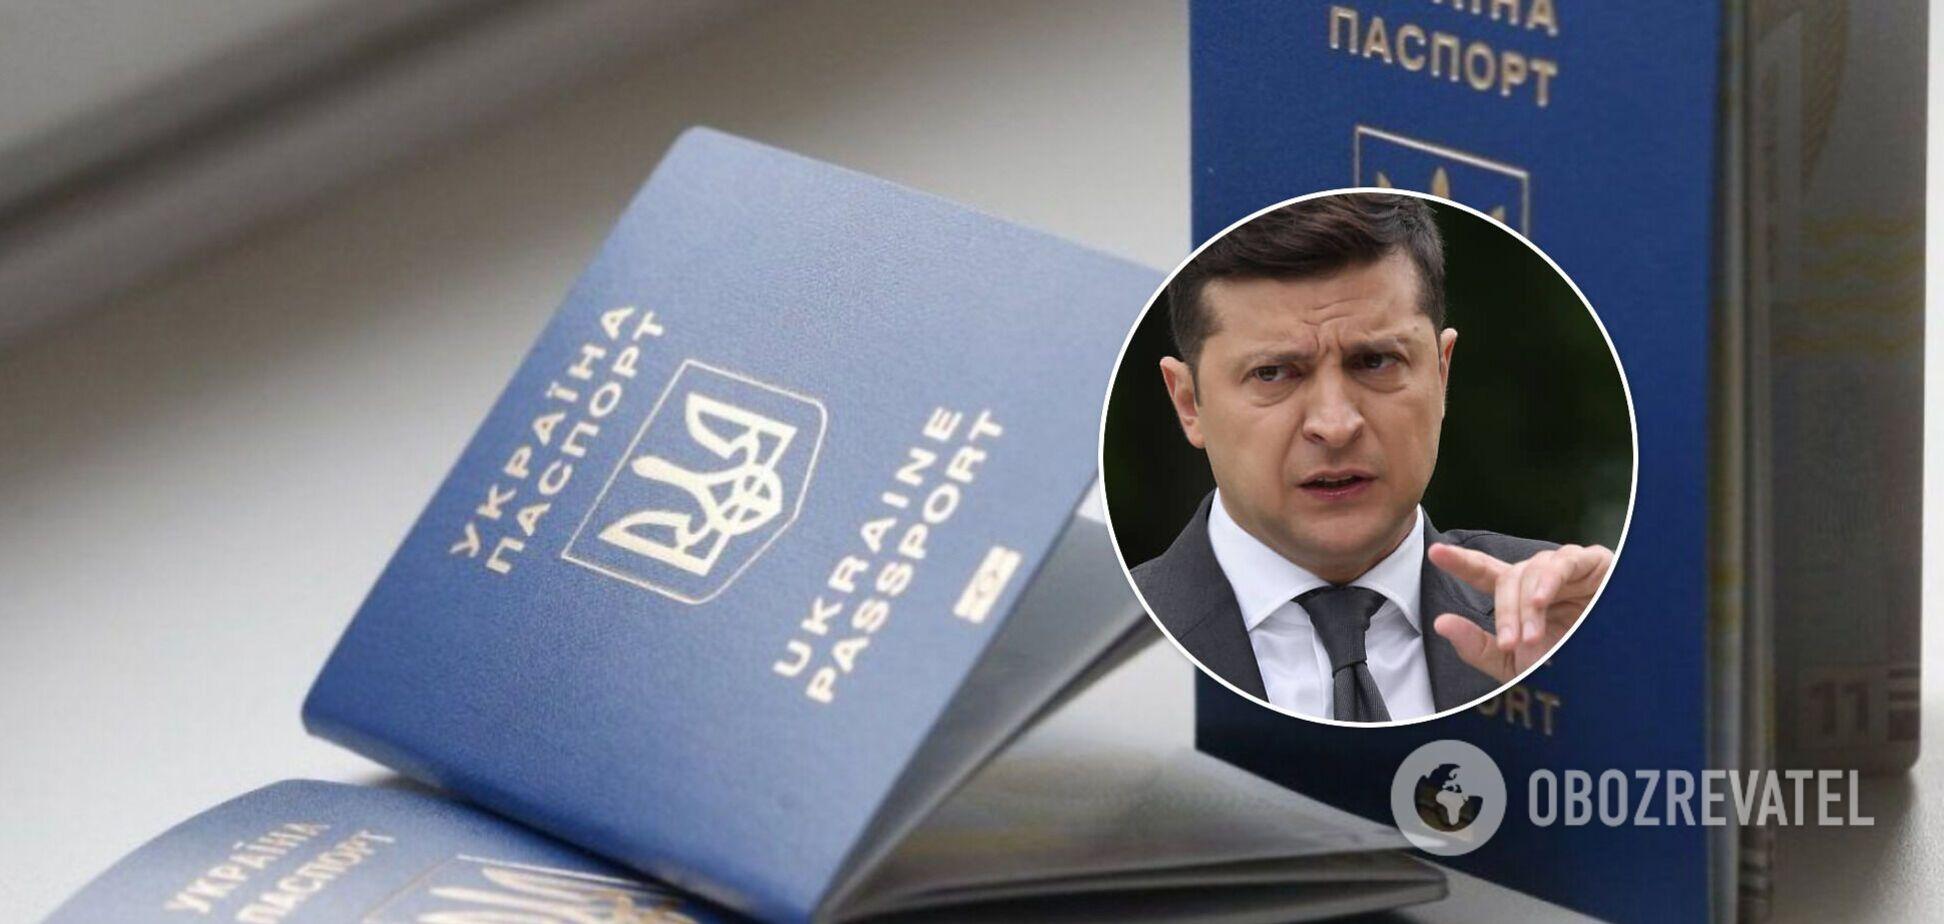 Зеленский обязал чиновников указывать второе гражданство в декларациях. Документ